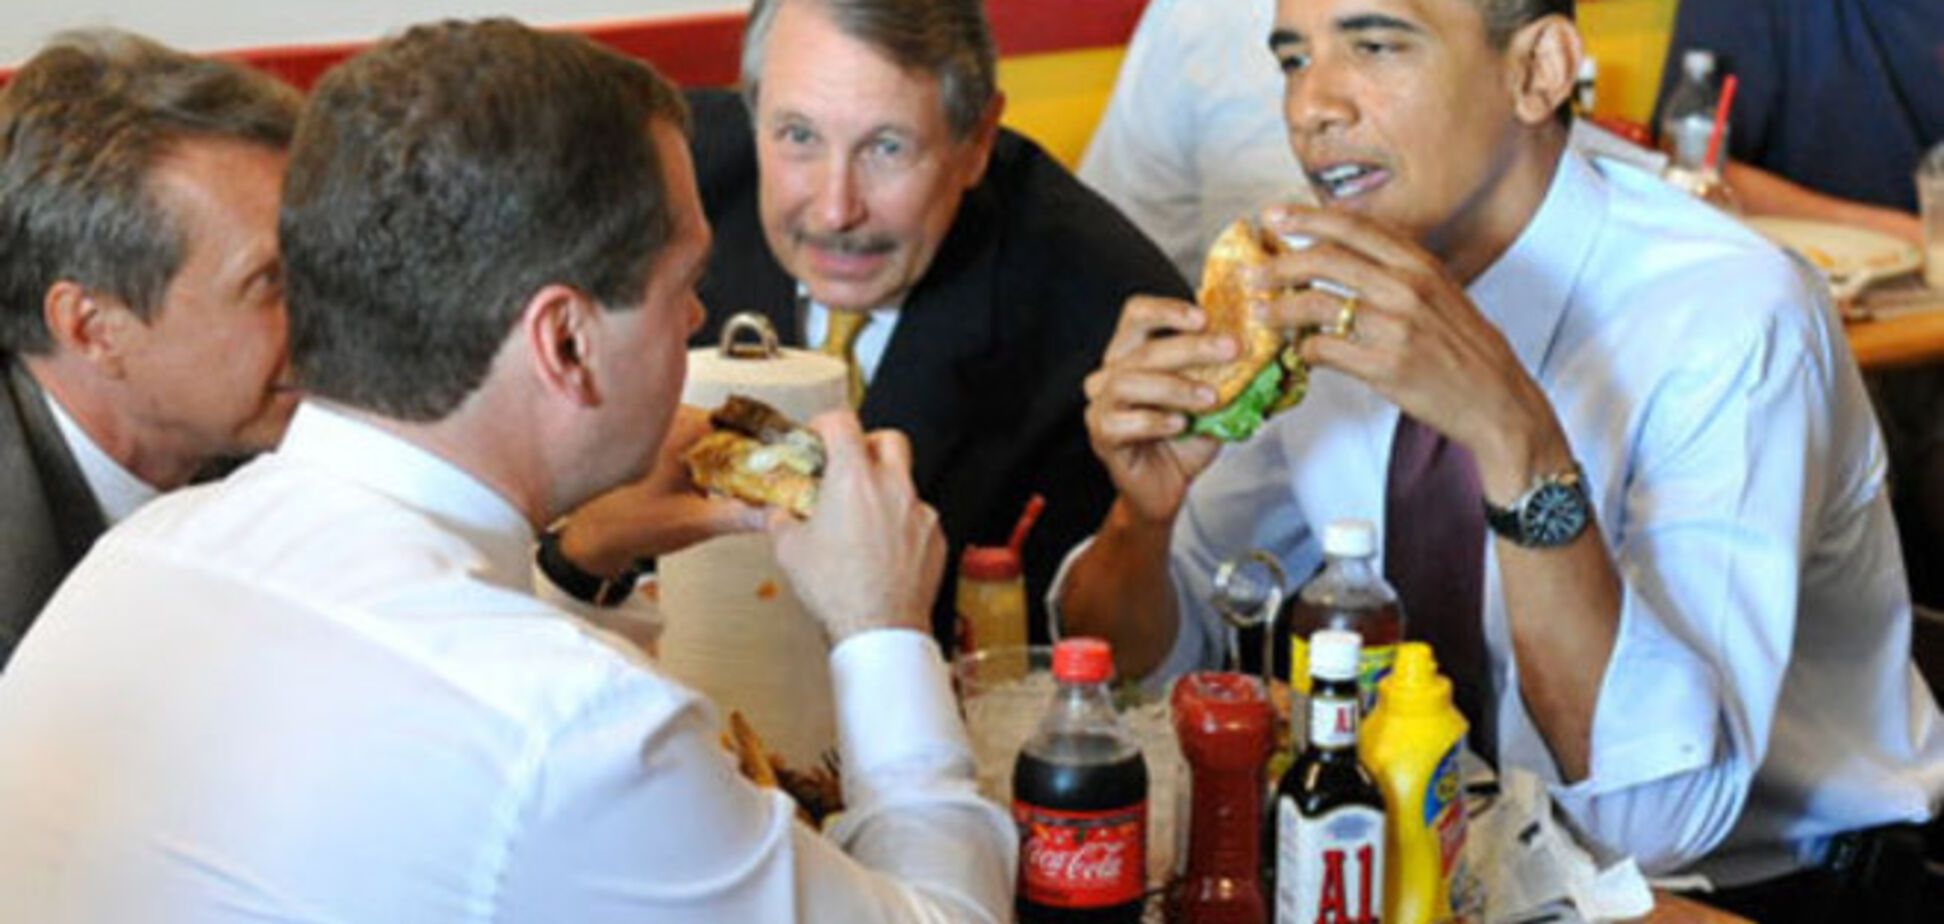 Обама ненавидит свеклу, а Елизавета II предпочитает джин